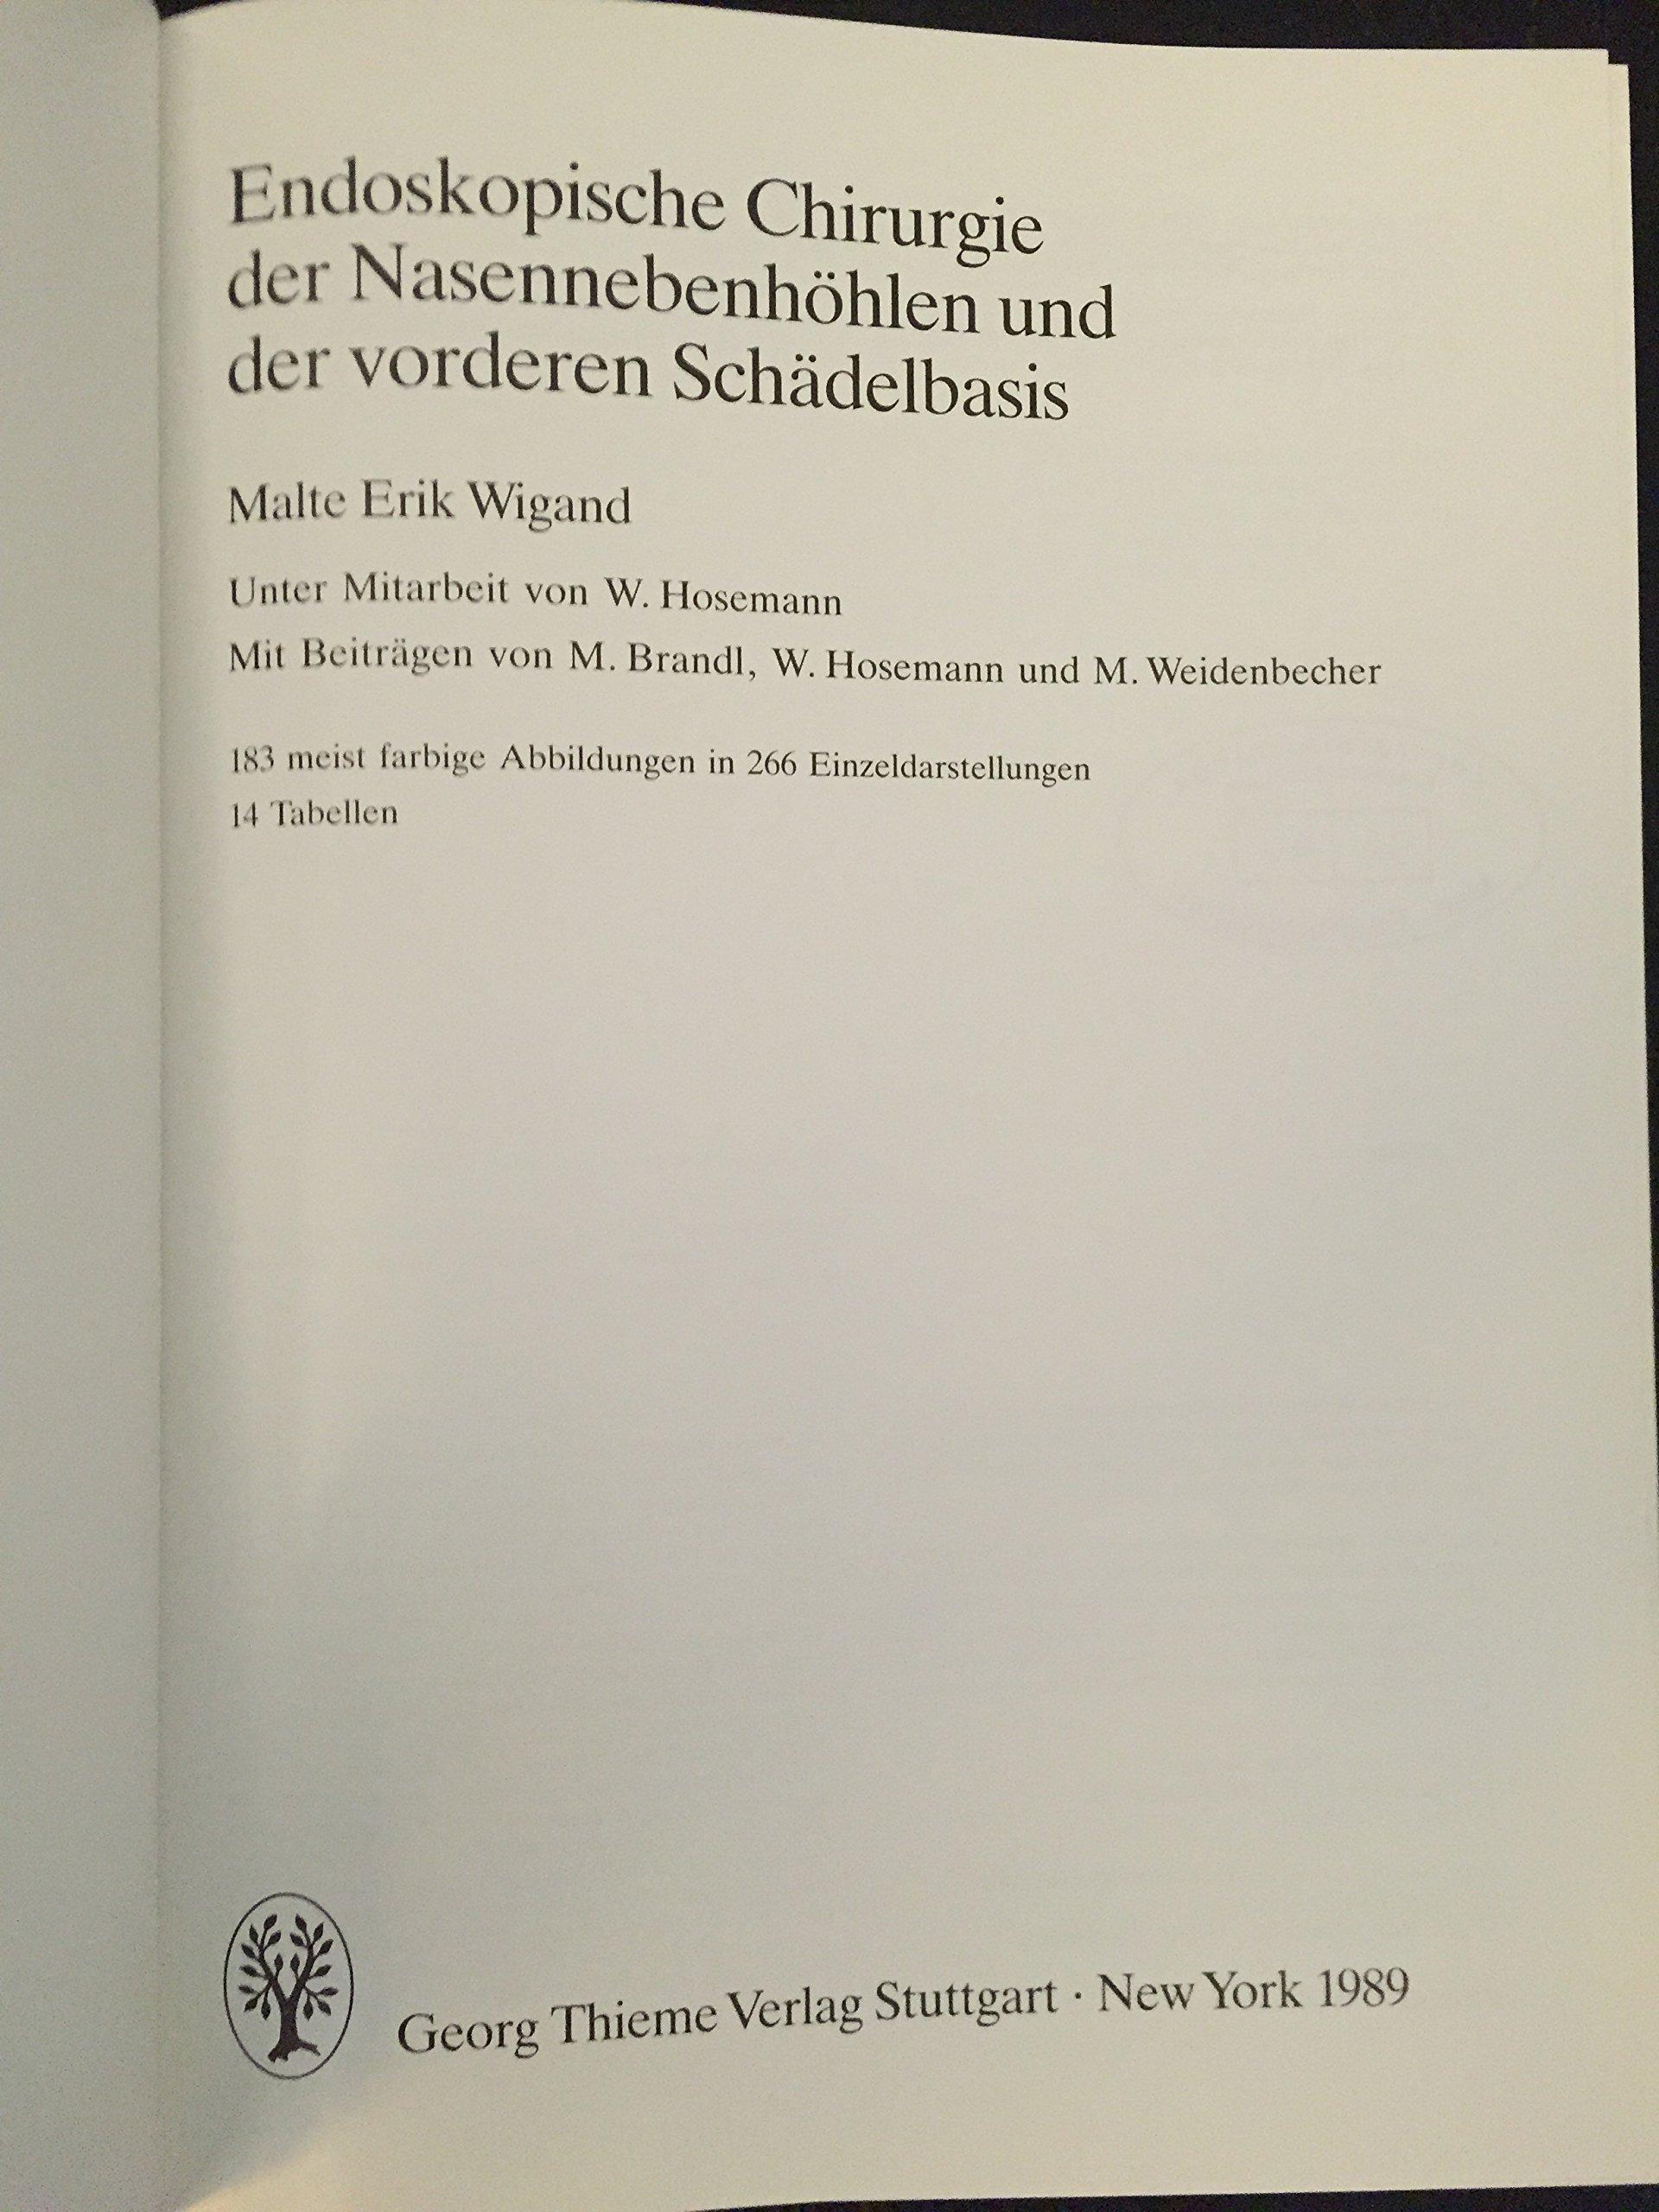 Ausgezeichnet Vordere Schädelbasis Anatomie Bilder - Anatomie Ideen ...